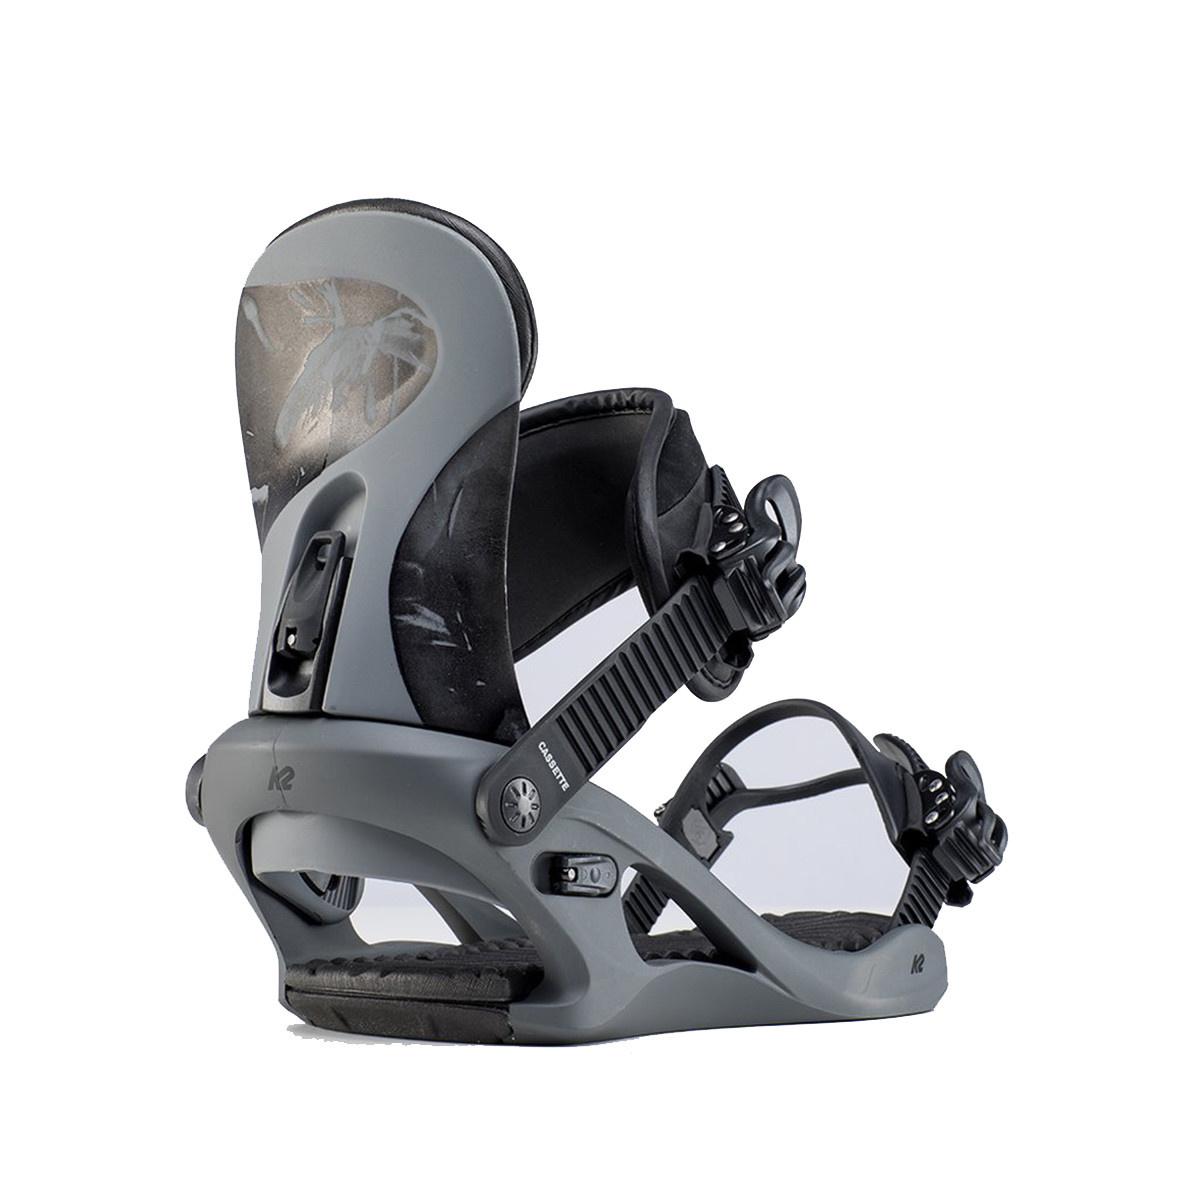 K2 Women's Cassette Snowboard Bindings 2020